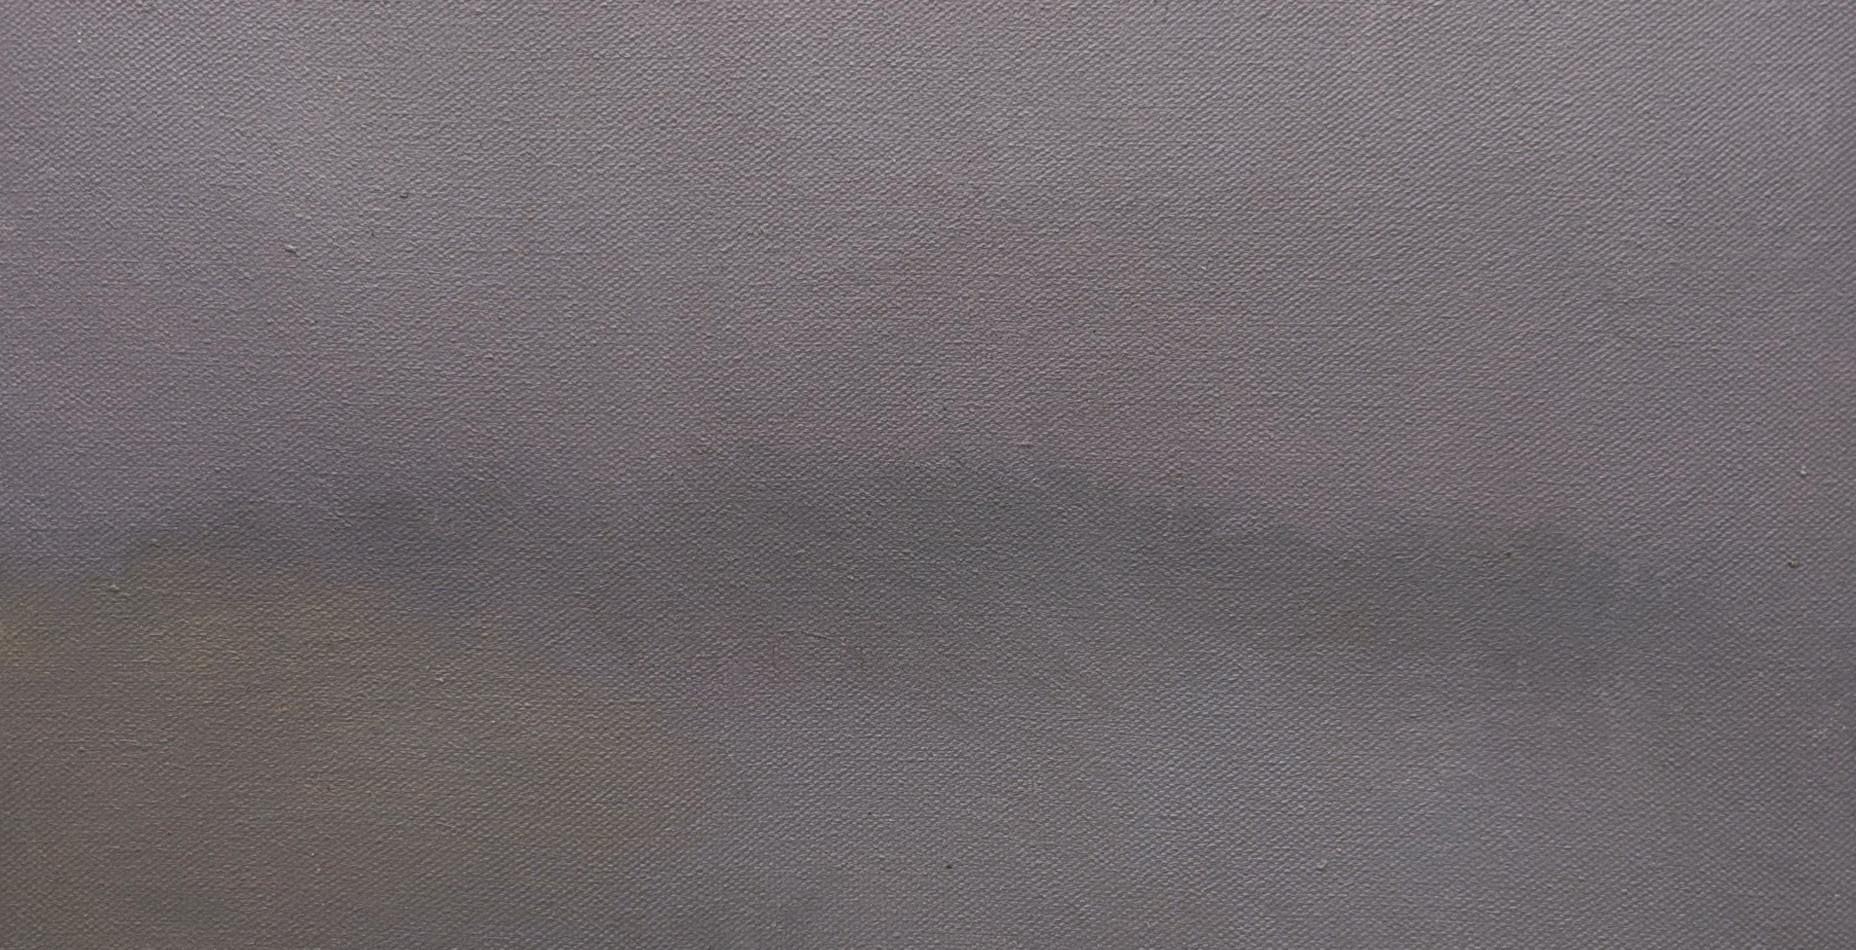 Poeira   2019  Óleo sobre tela  20 x 30 cm